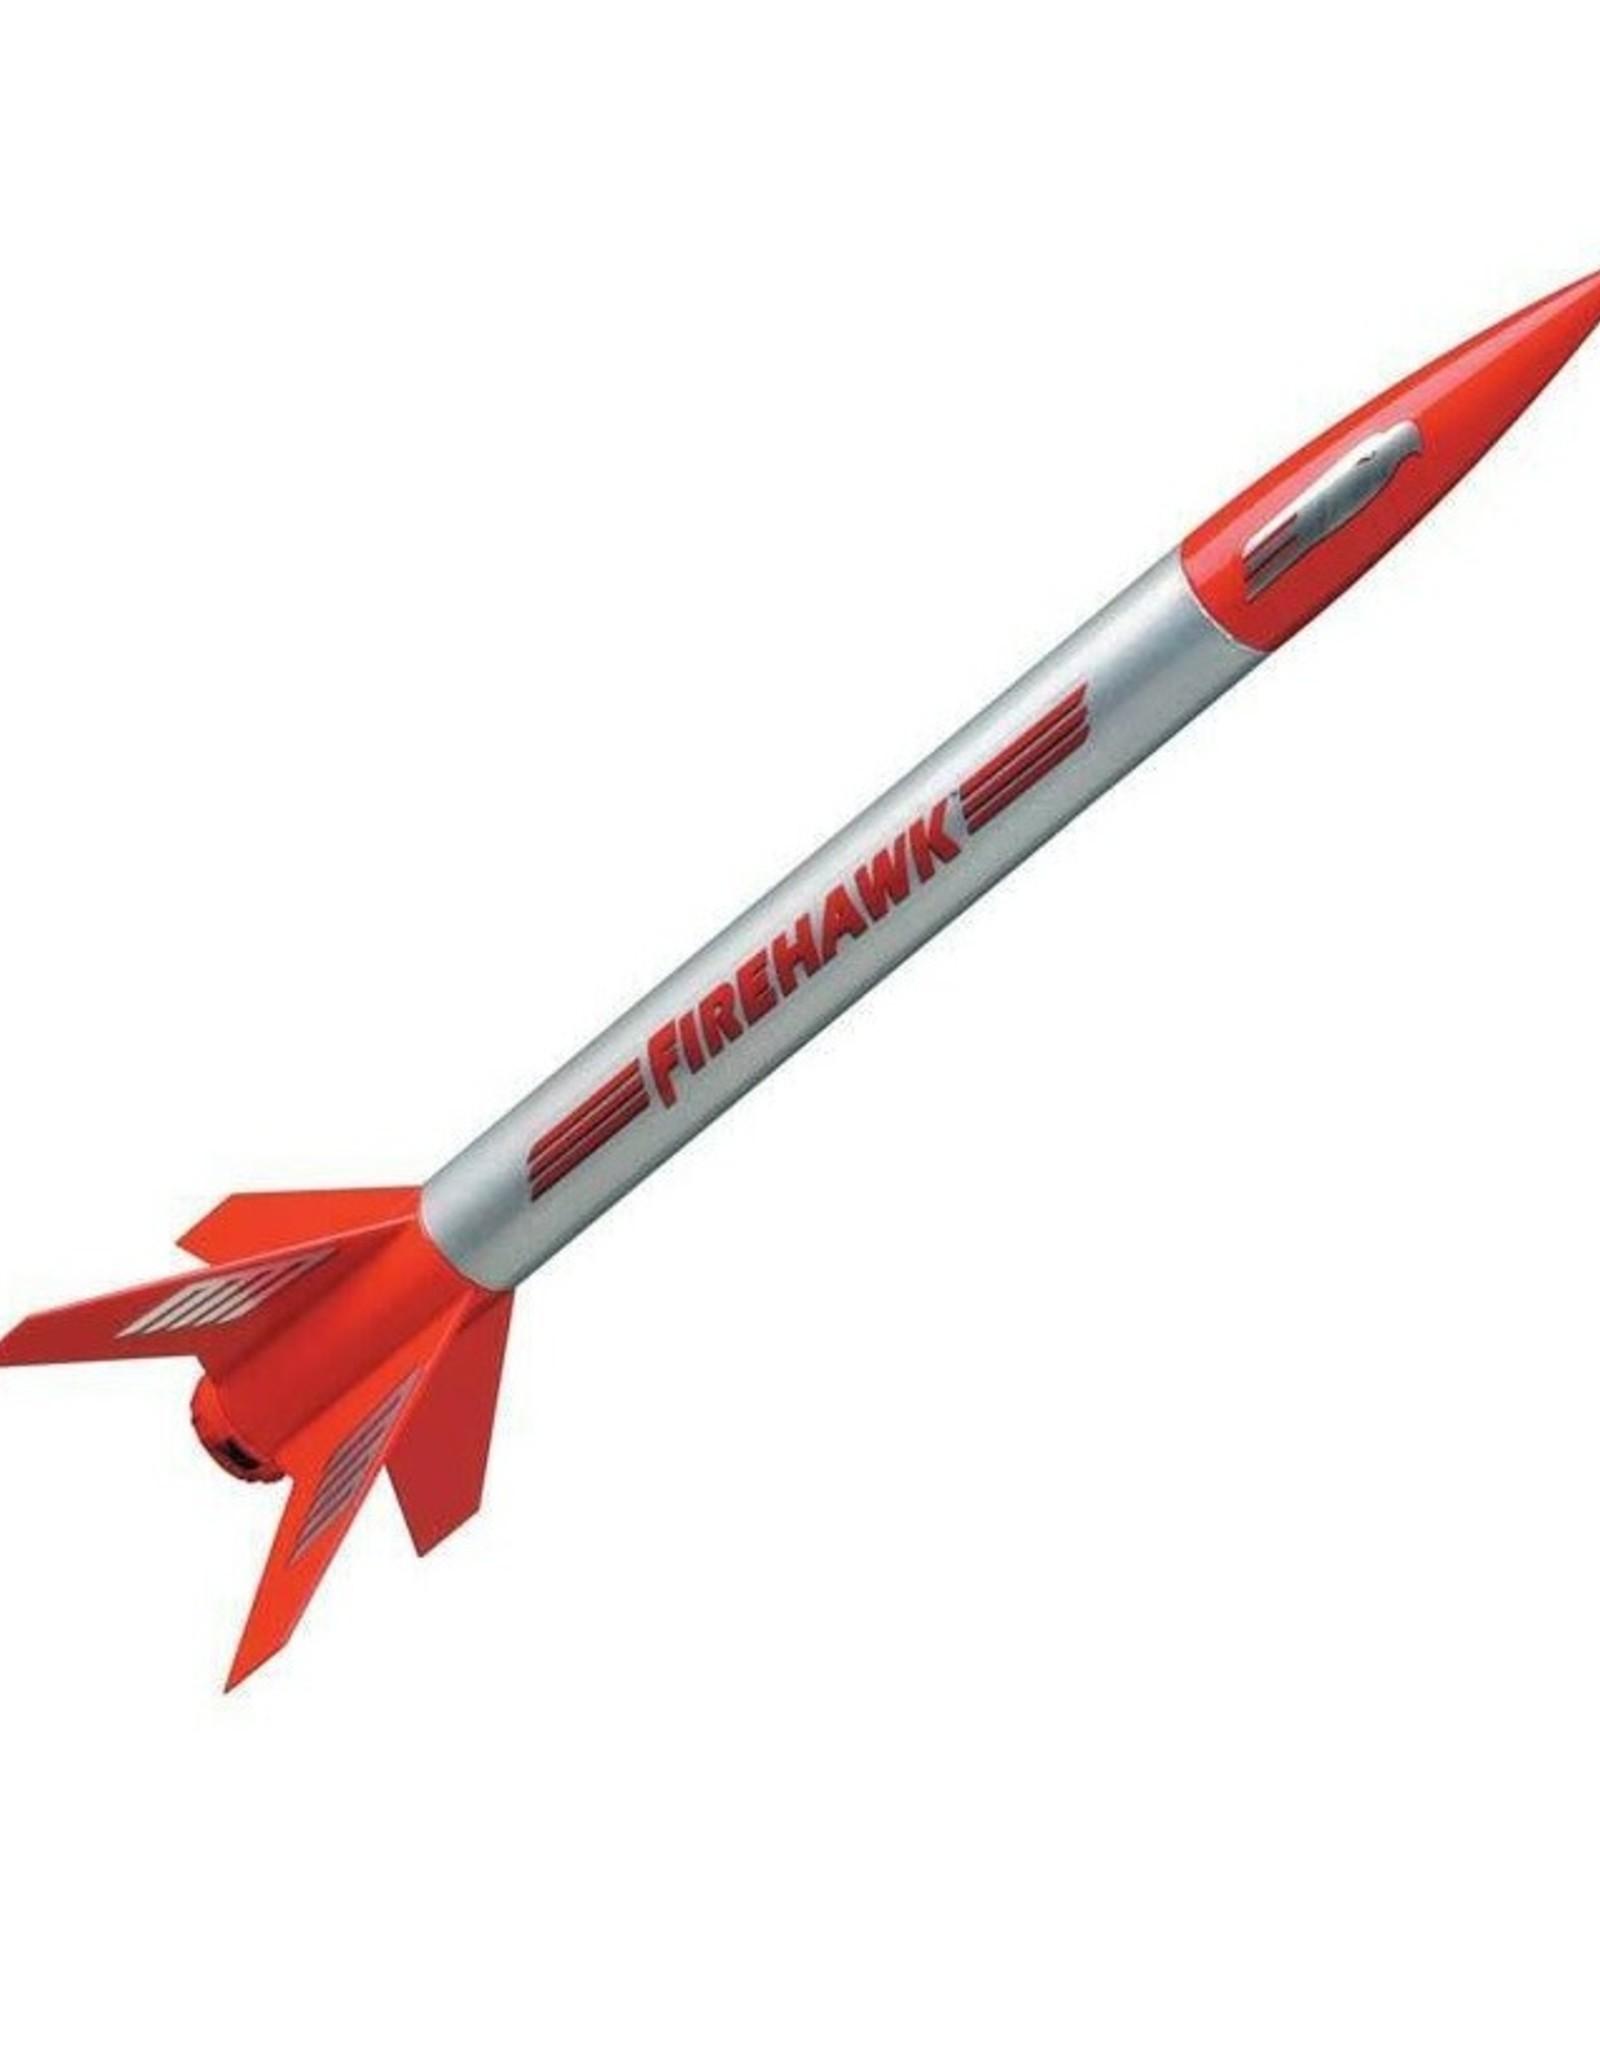 Estes Estes Firehawk Rocket